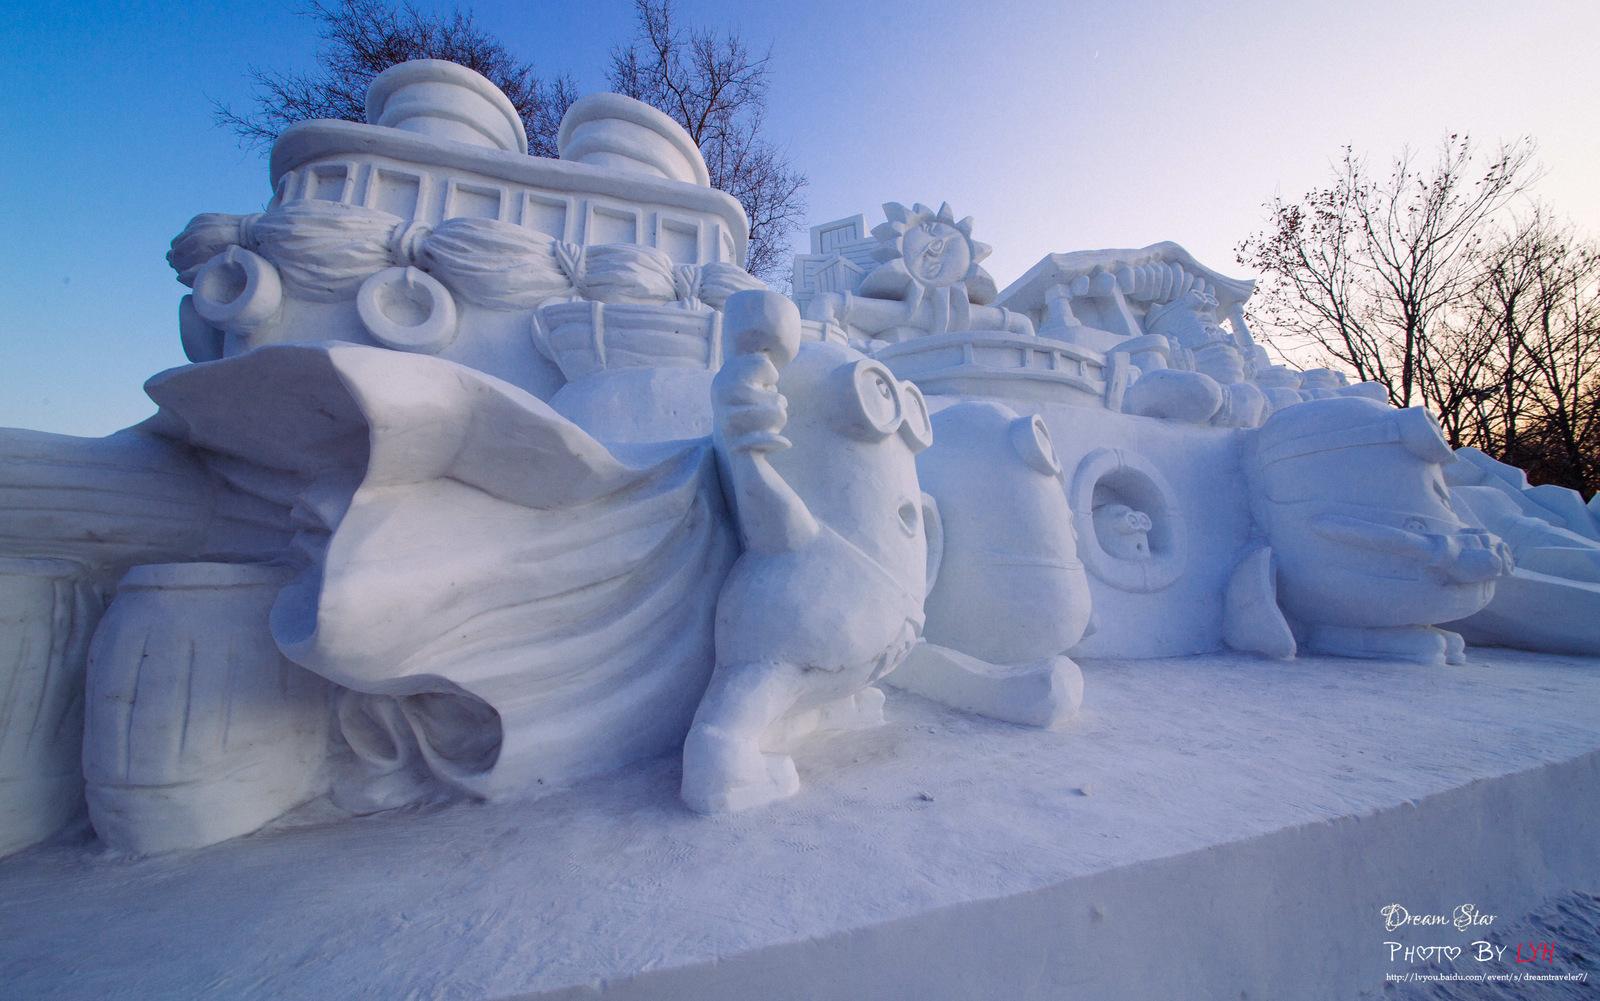 哈尔滨雪雕艺术博览 - ★  牧笛  ★ - ★★★冬天到了,春天还会遥远吗★★★